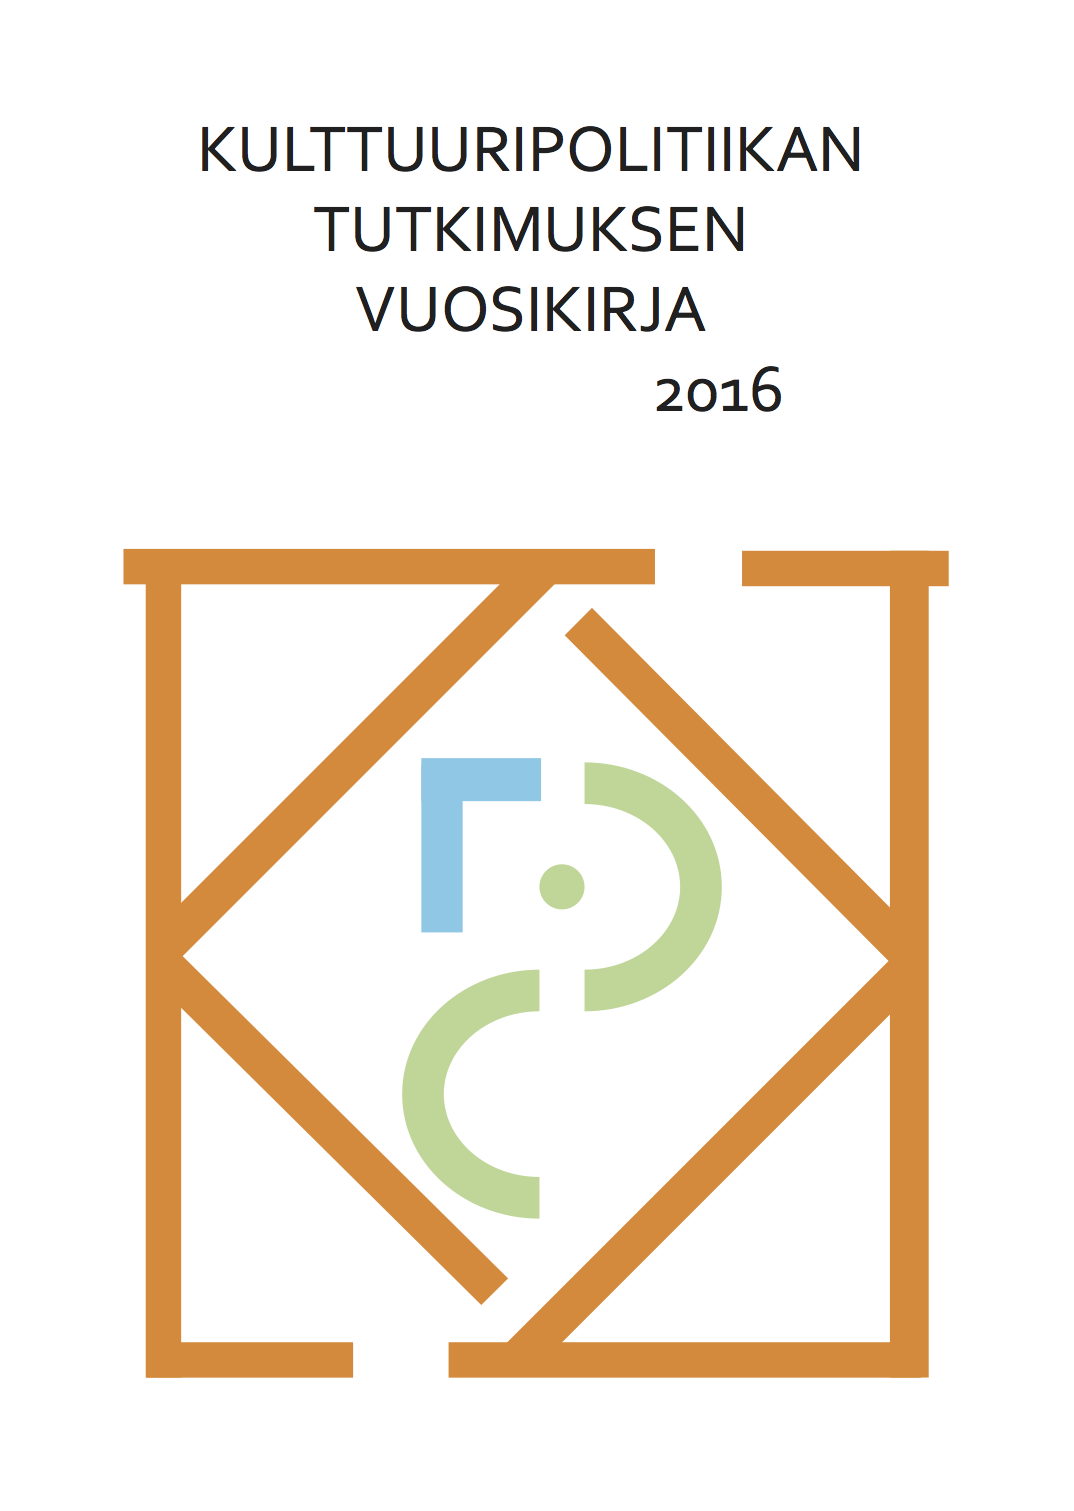 Kulttuuripolitiikan tutkimuksen vuosikirja 2016